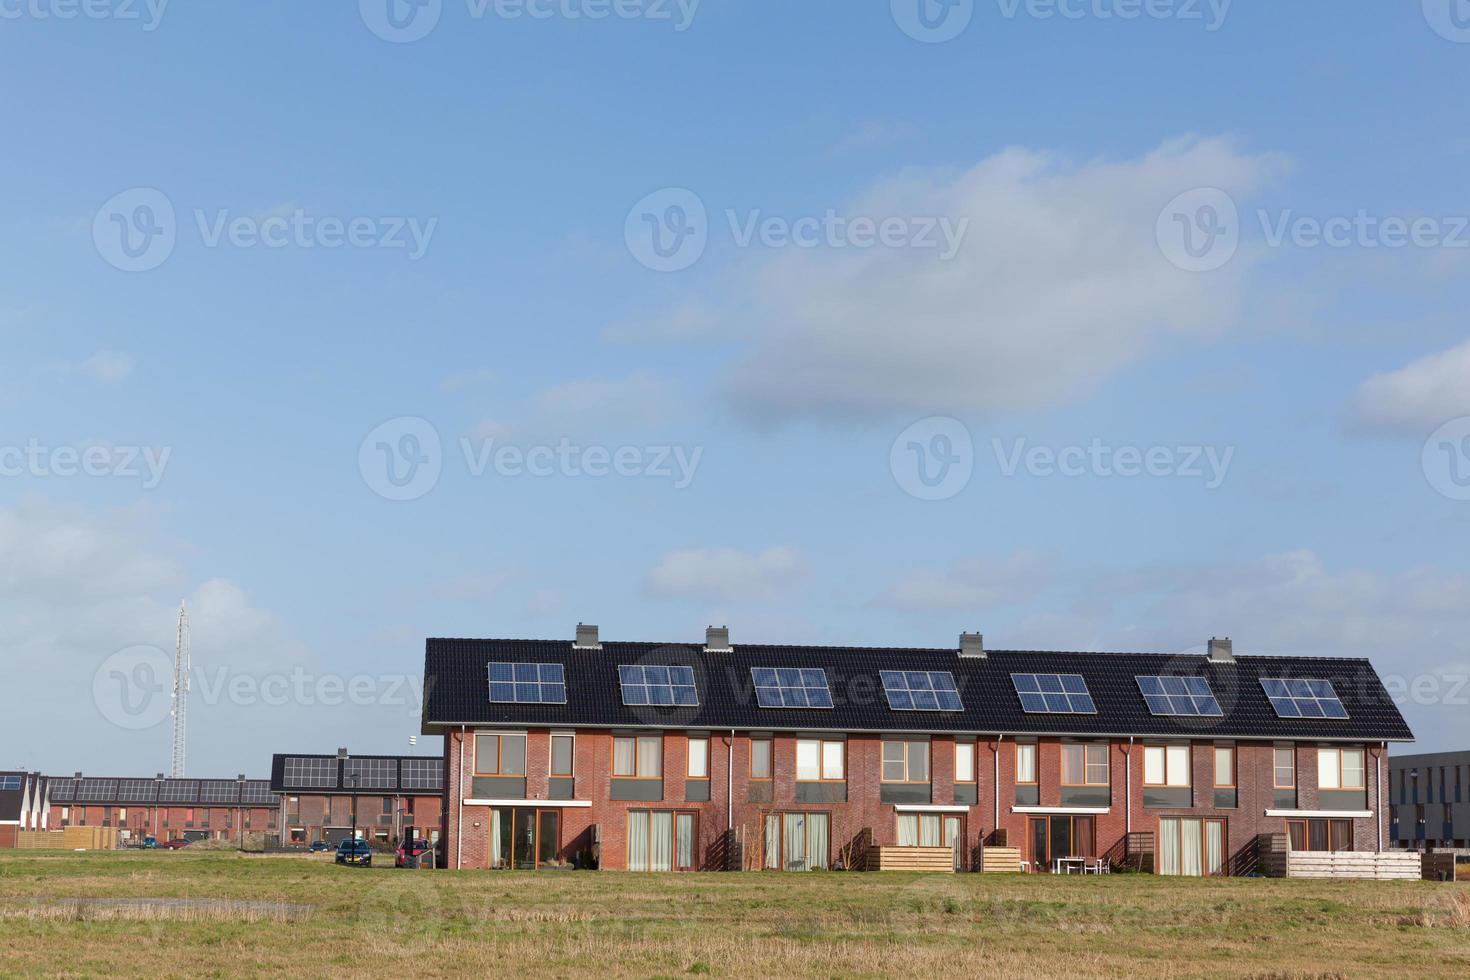 nouvelles maisons familiales avec panneaux solaires sur le toit photo